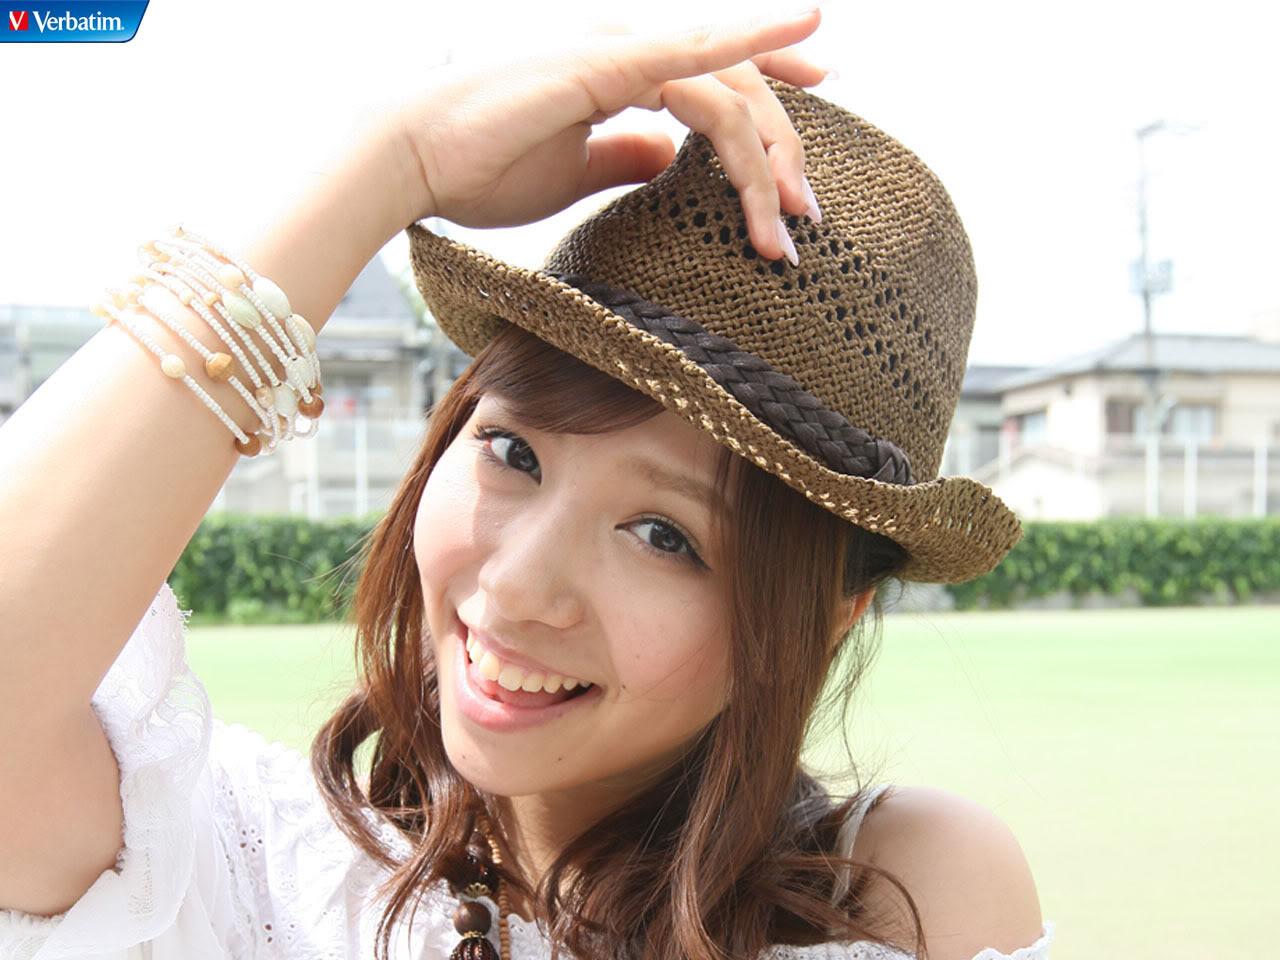 AKB48 河西智美 セクシー 顔アップ 口開け 笑顔 舌 カメラ目線 ぶっかけ用 帽子 肩出し 高画質 エロかわいい画像